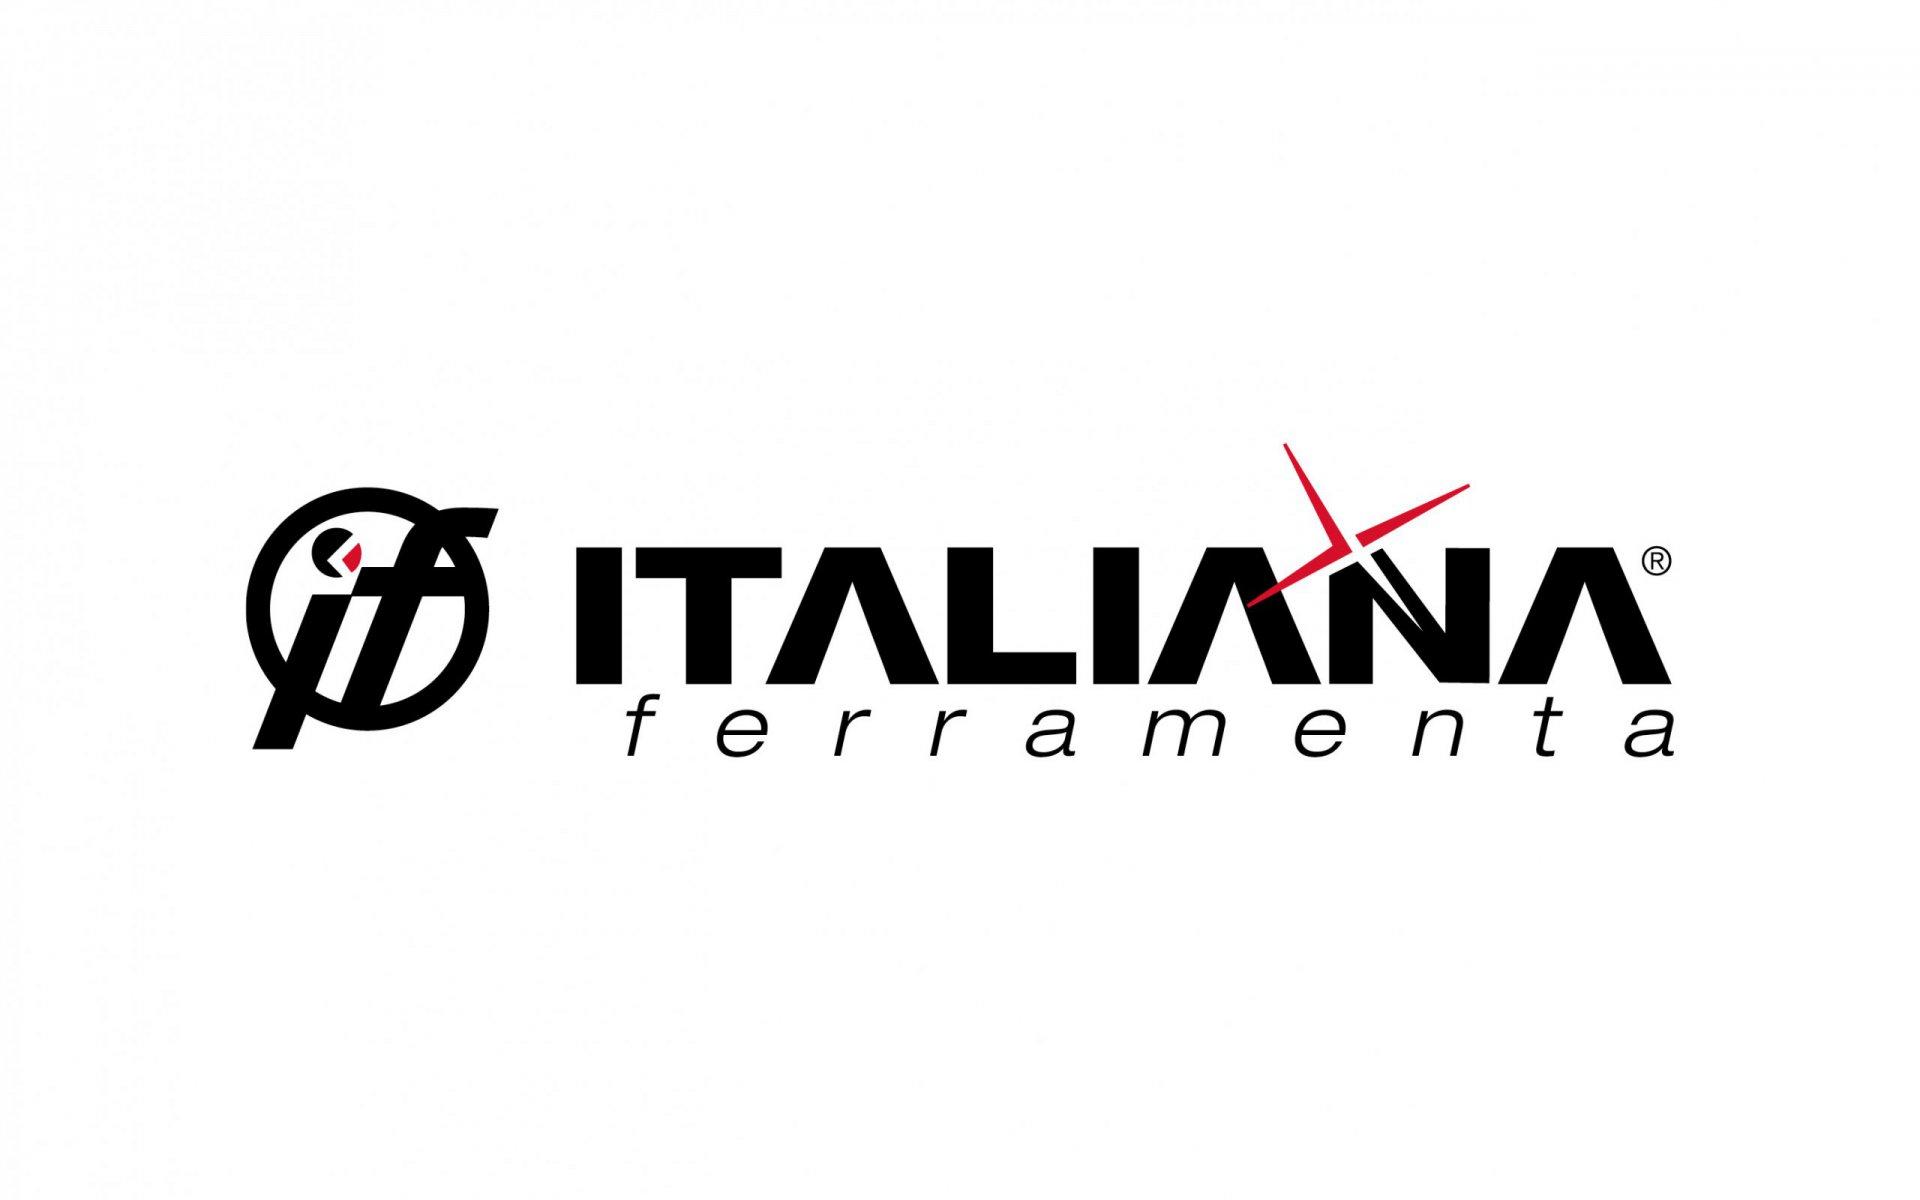 Italiana-ferrmenta-logotyp